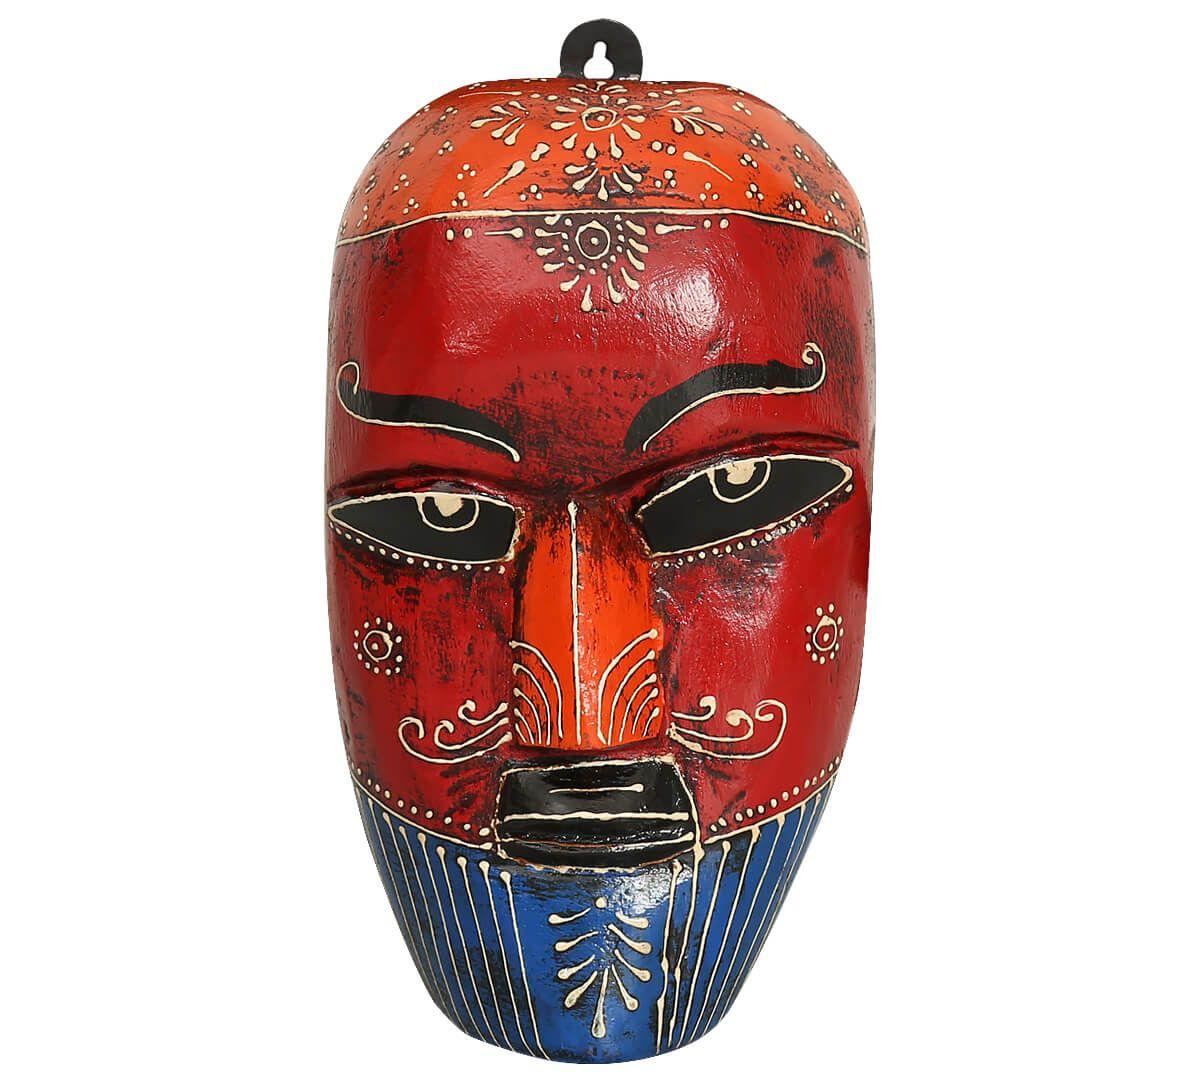 India Circus Cardinal Nymph Decorative Wooden Mask